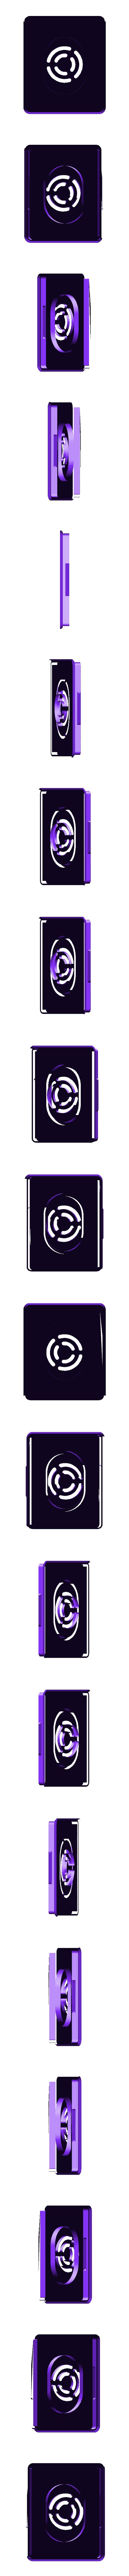 hallowmac-back.stl Télécharger fichier STL gratuit HalloWing Mac M0 • Modèle à imprimer en 3D, Adafruit